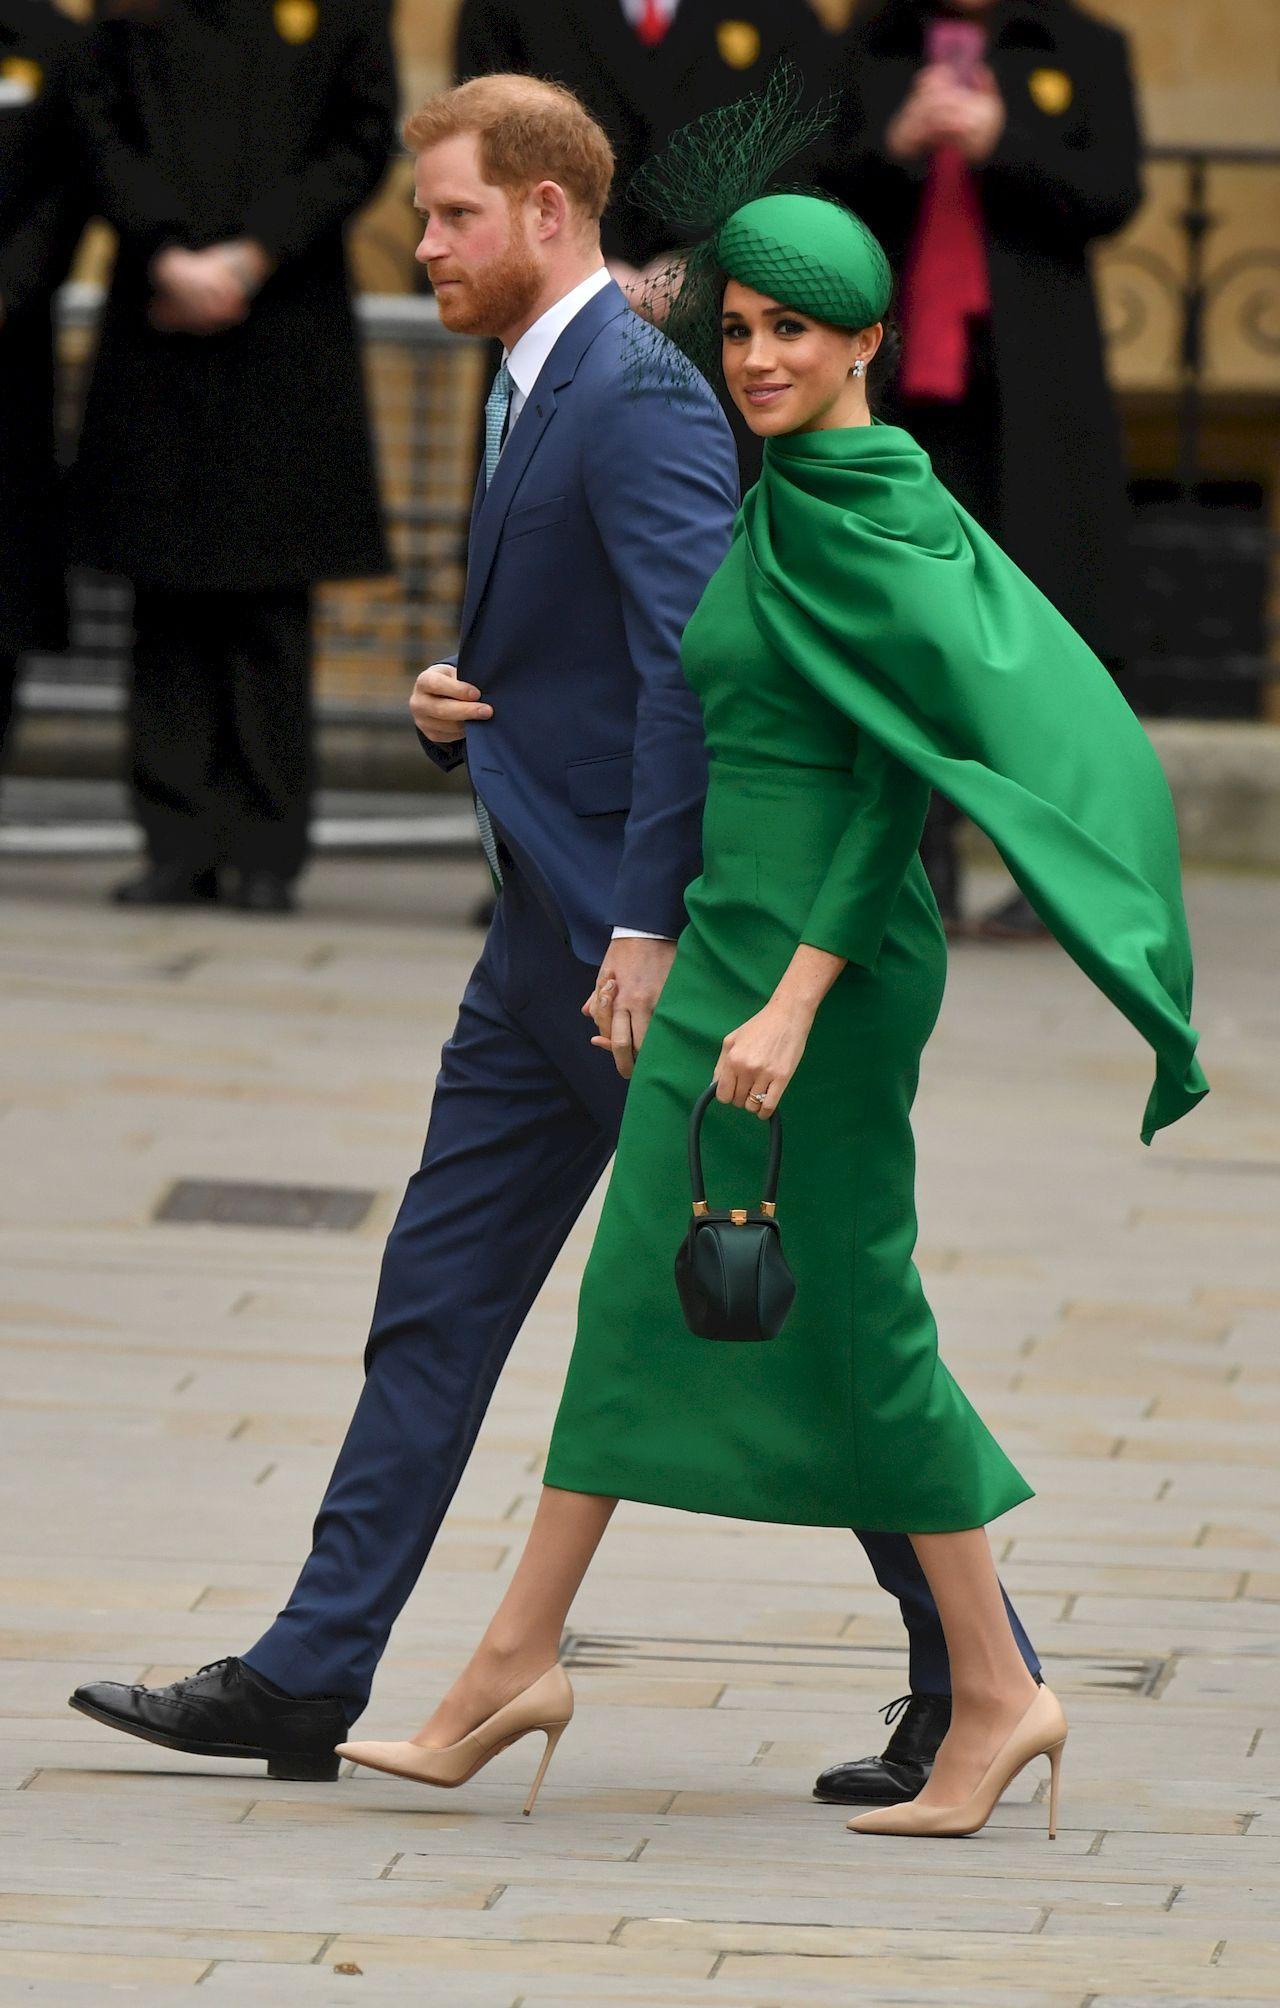 Ostatnie publiczne wystąpienie księżnej Meghan i księcia Harry'ego - krótko po nim para wystąpiła z rodziny królewskiej